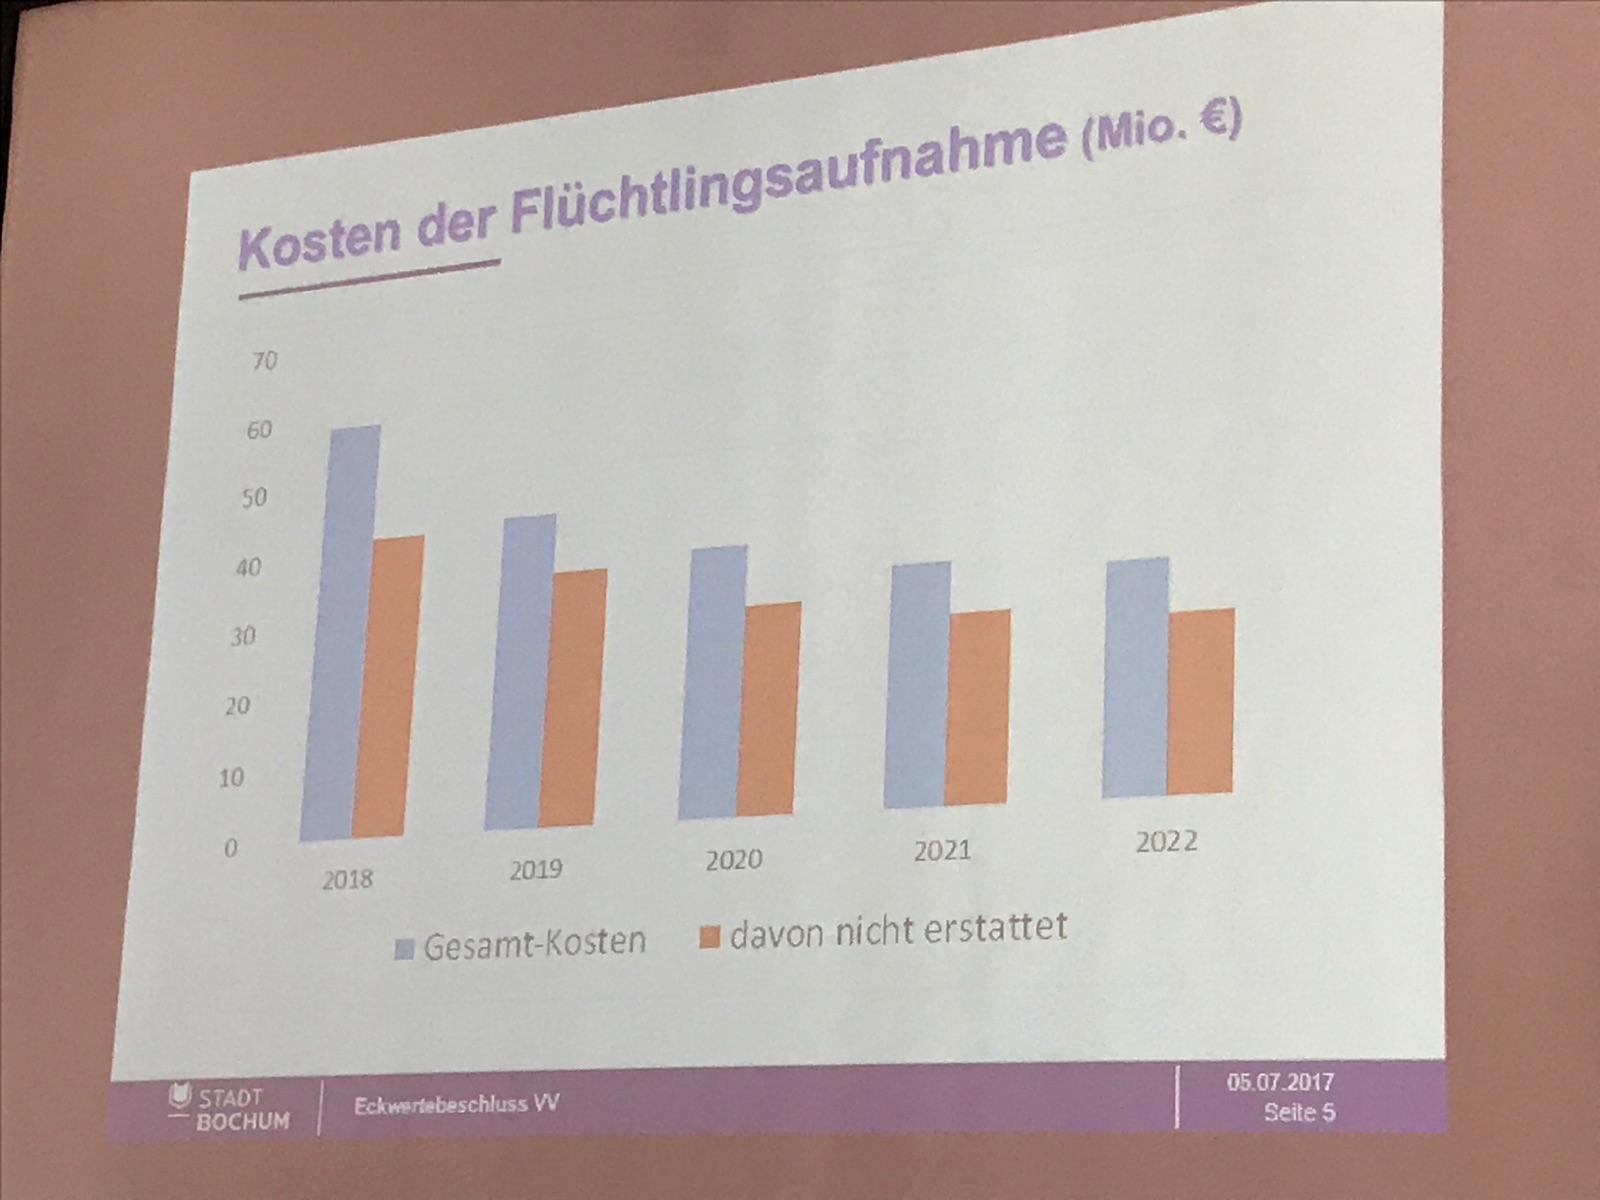 Bochums Haushalt 2018: Erhöhung der Grundsteuer? / Hat OB Thomas Eiskirch sein Wahlversprochen gebrochen? #ratBO